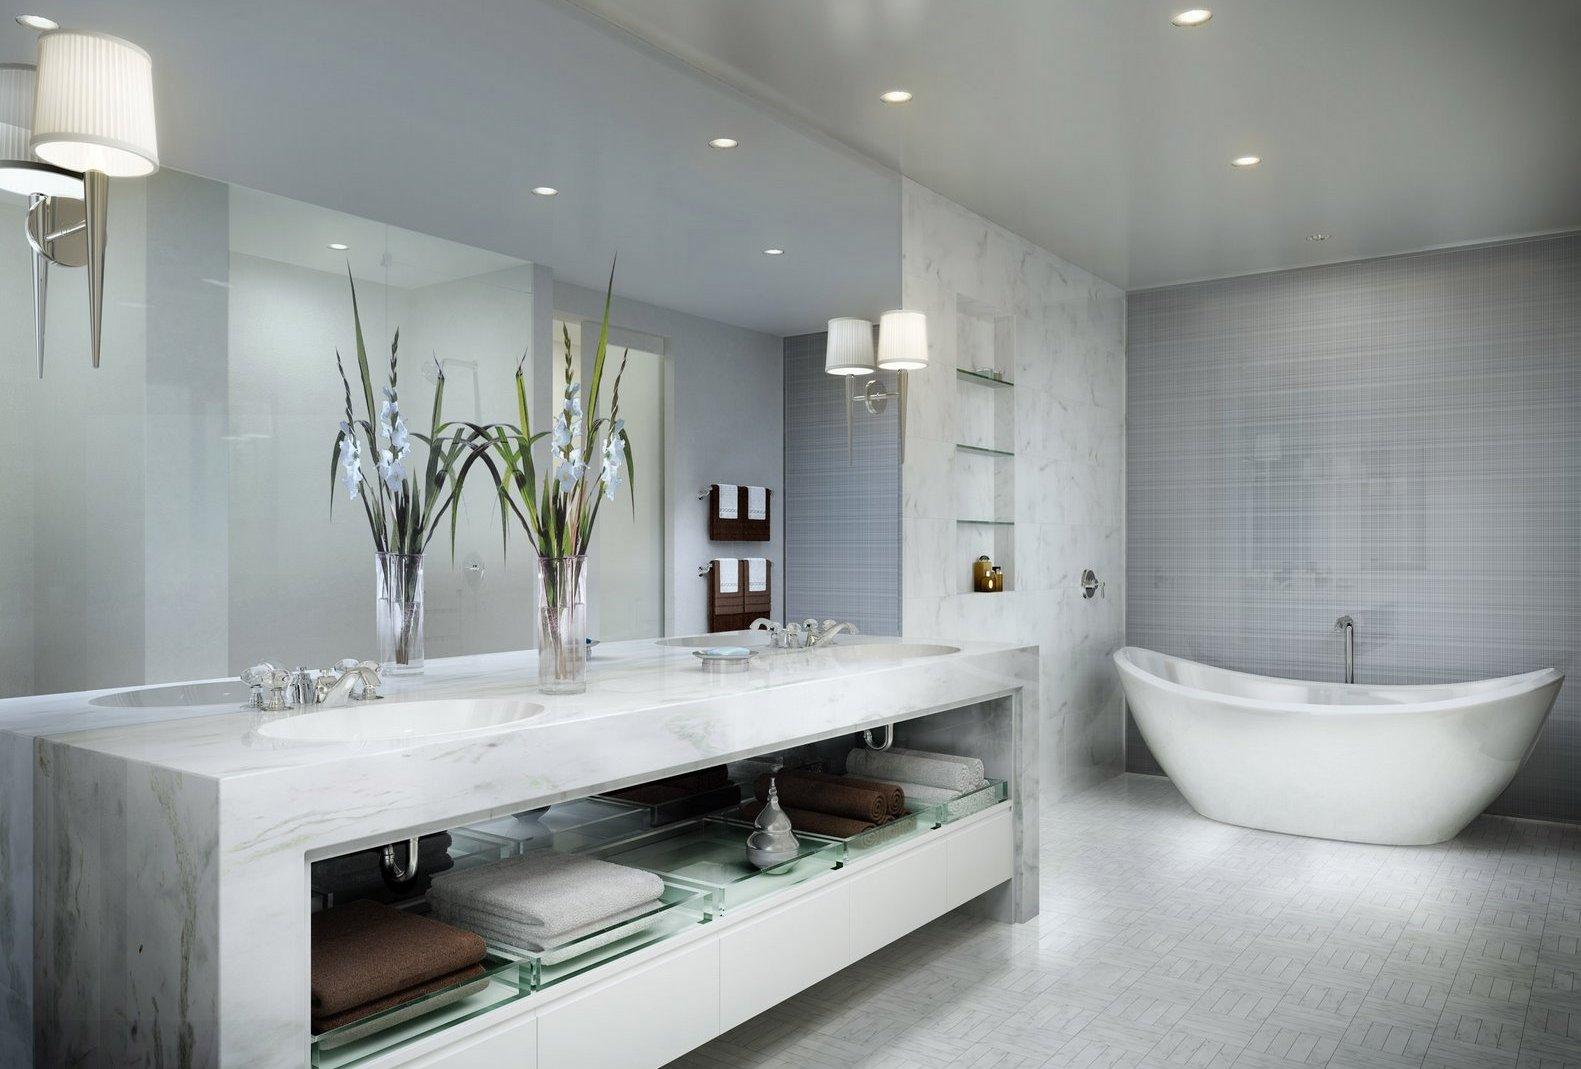 Точечные светильники и бра в стиле арт-деко в ванной